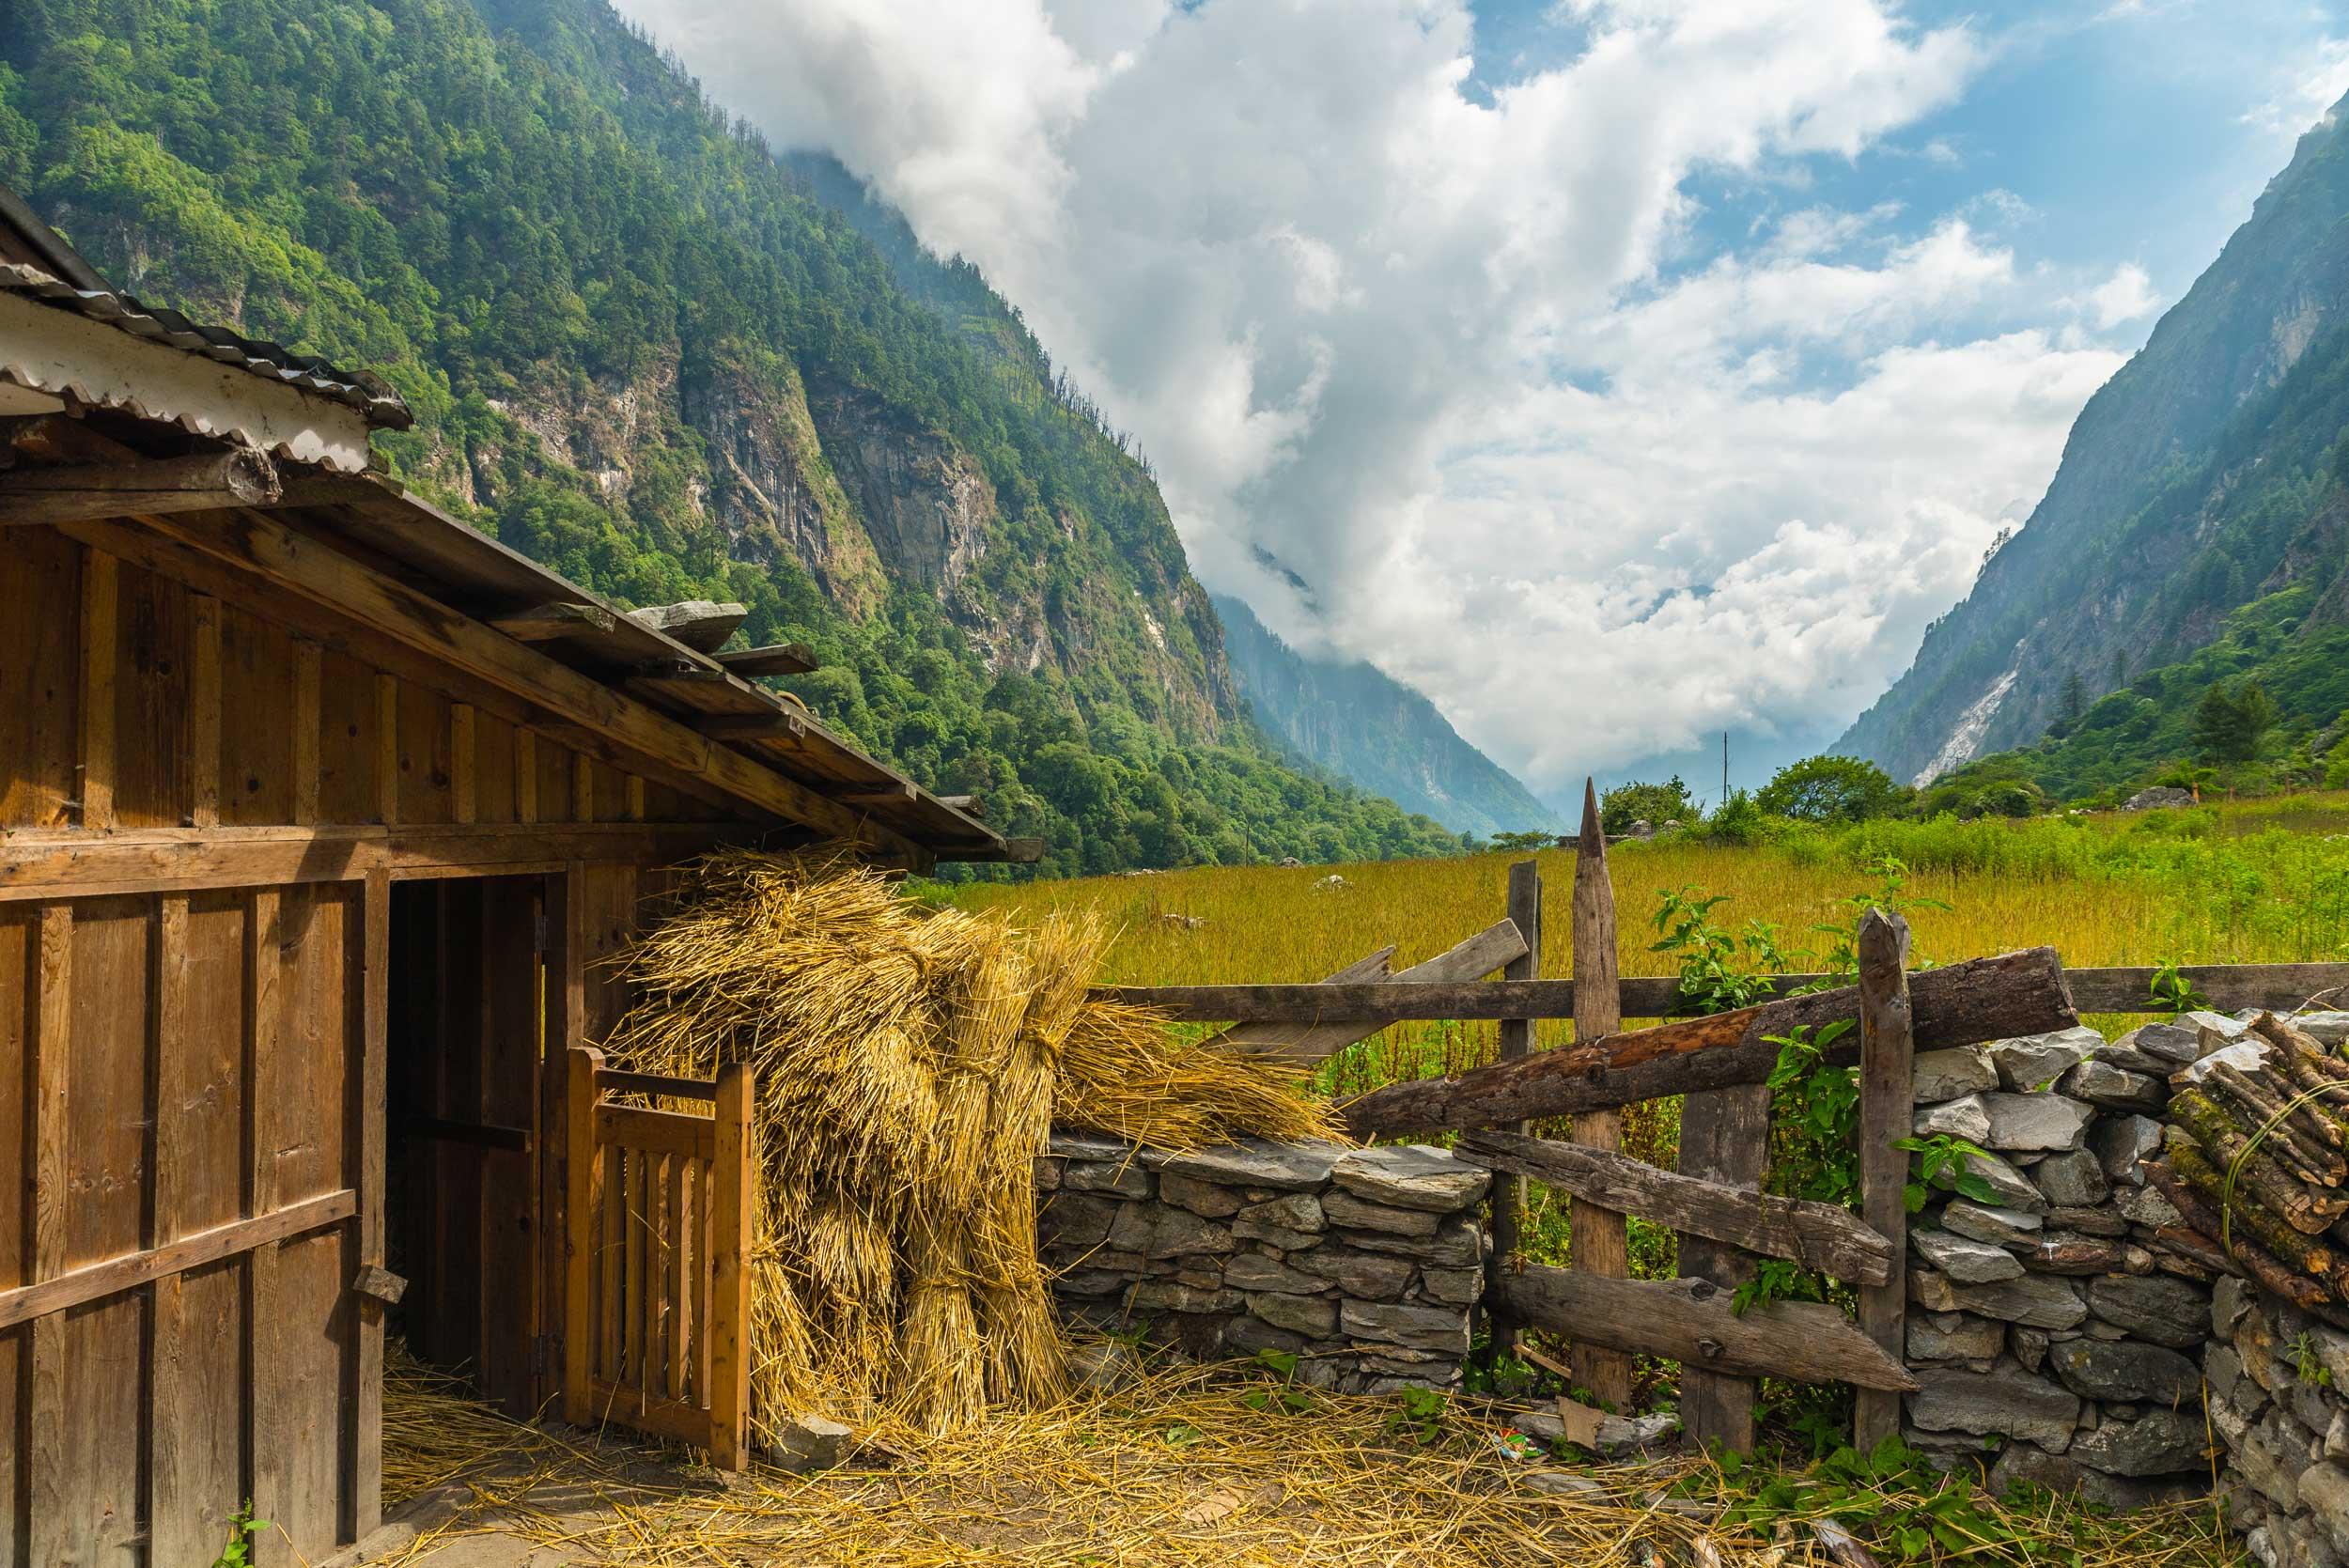 Dukh Kola Farm